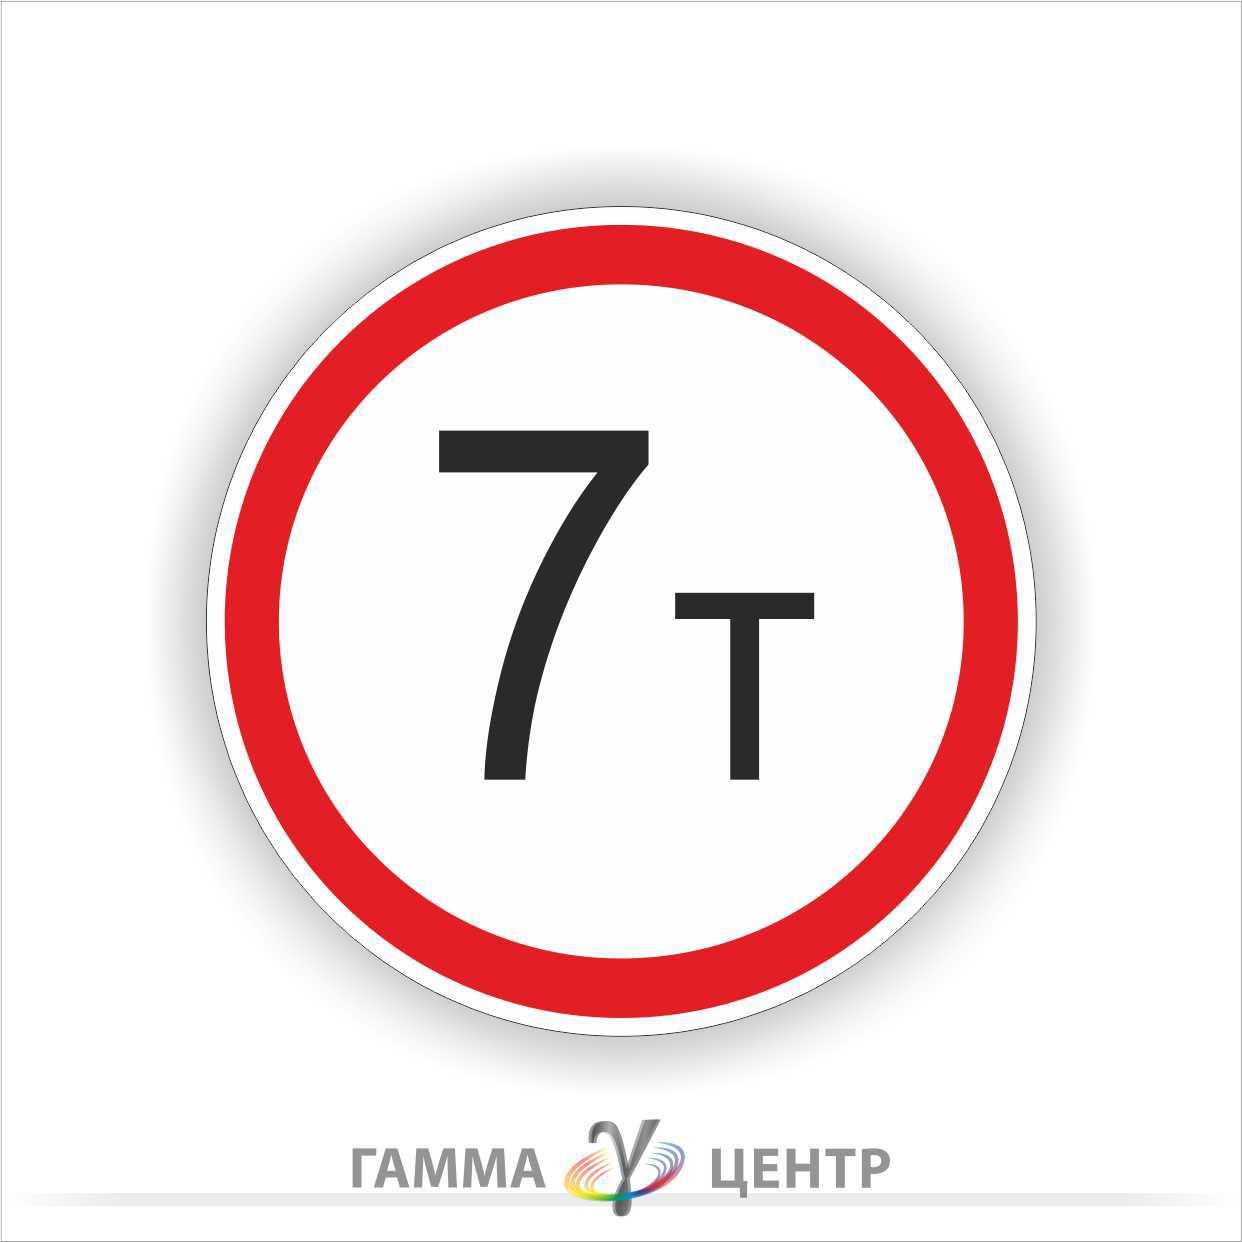 Дорожный знак 3.15. Движение транспортных средств, масса которых превышает N т, запрещено